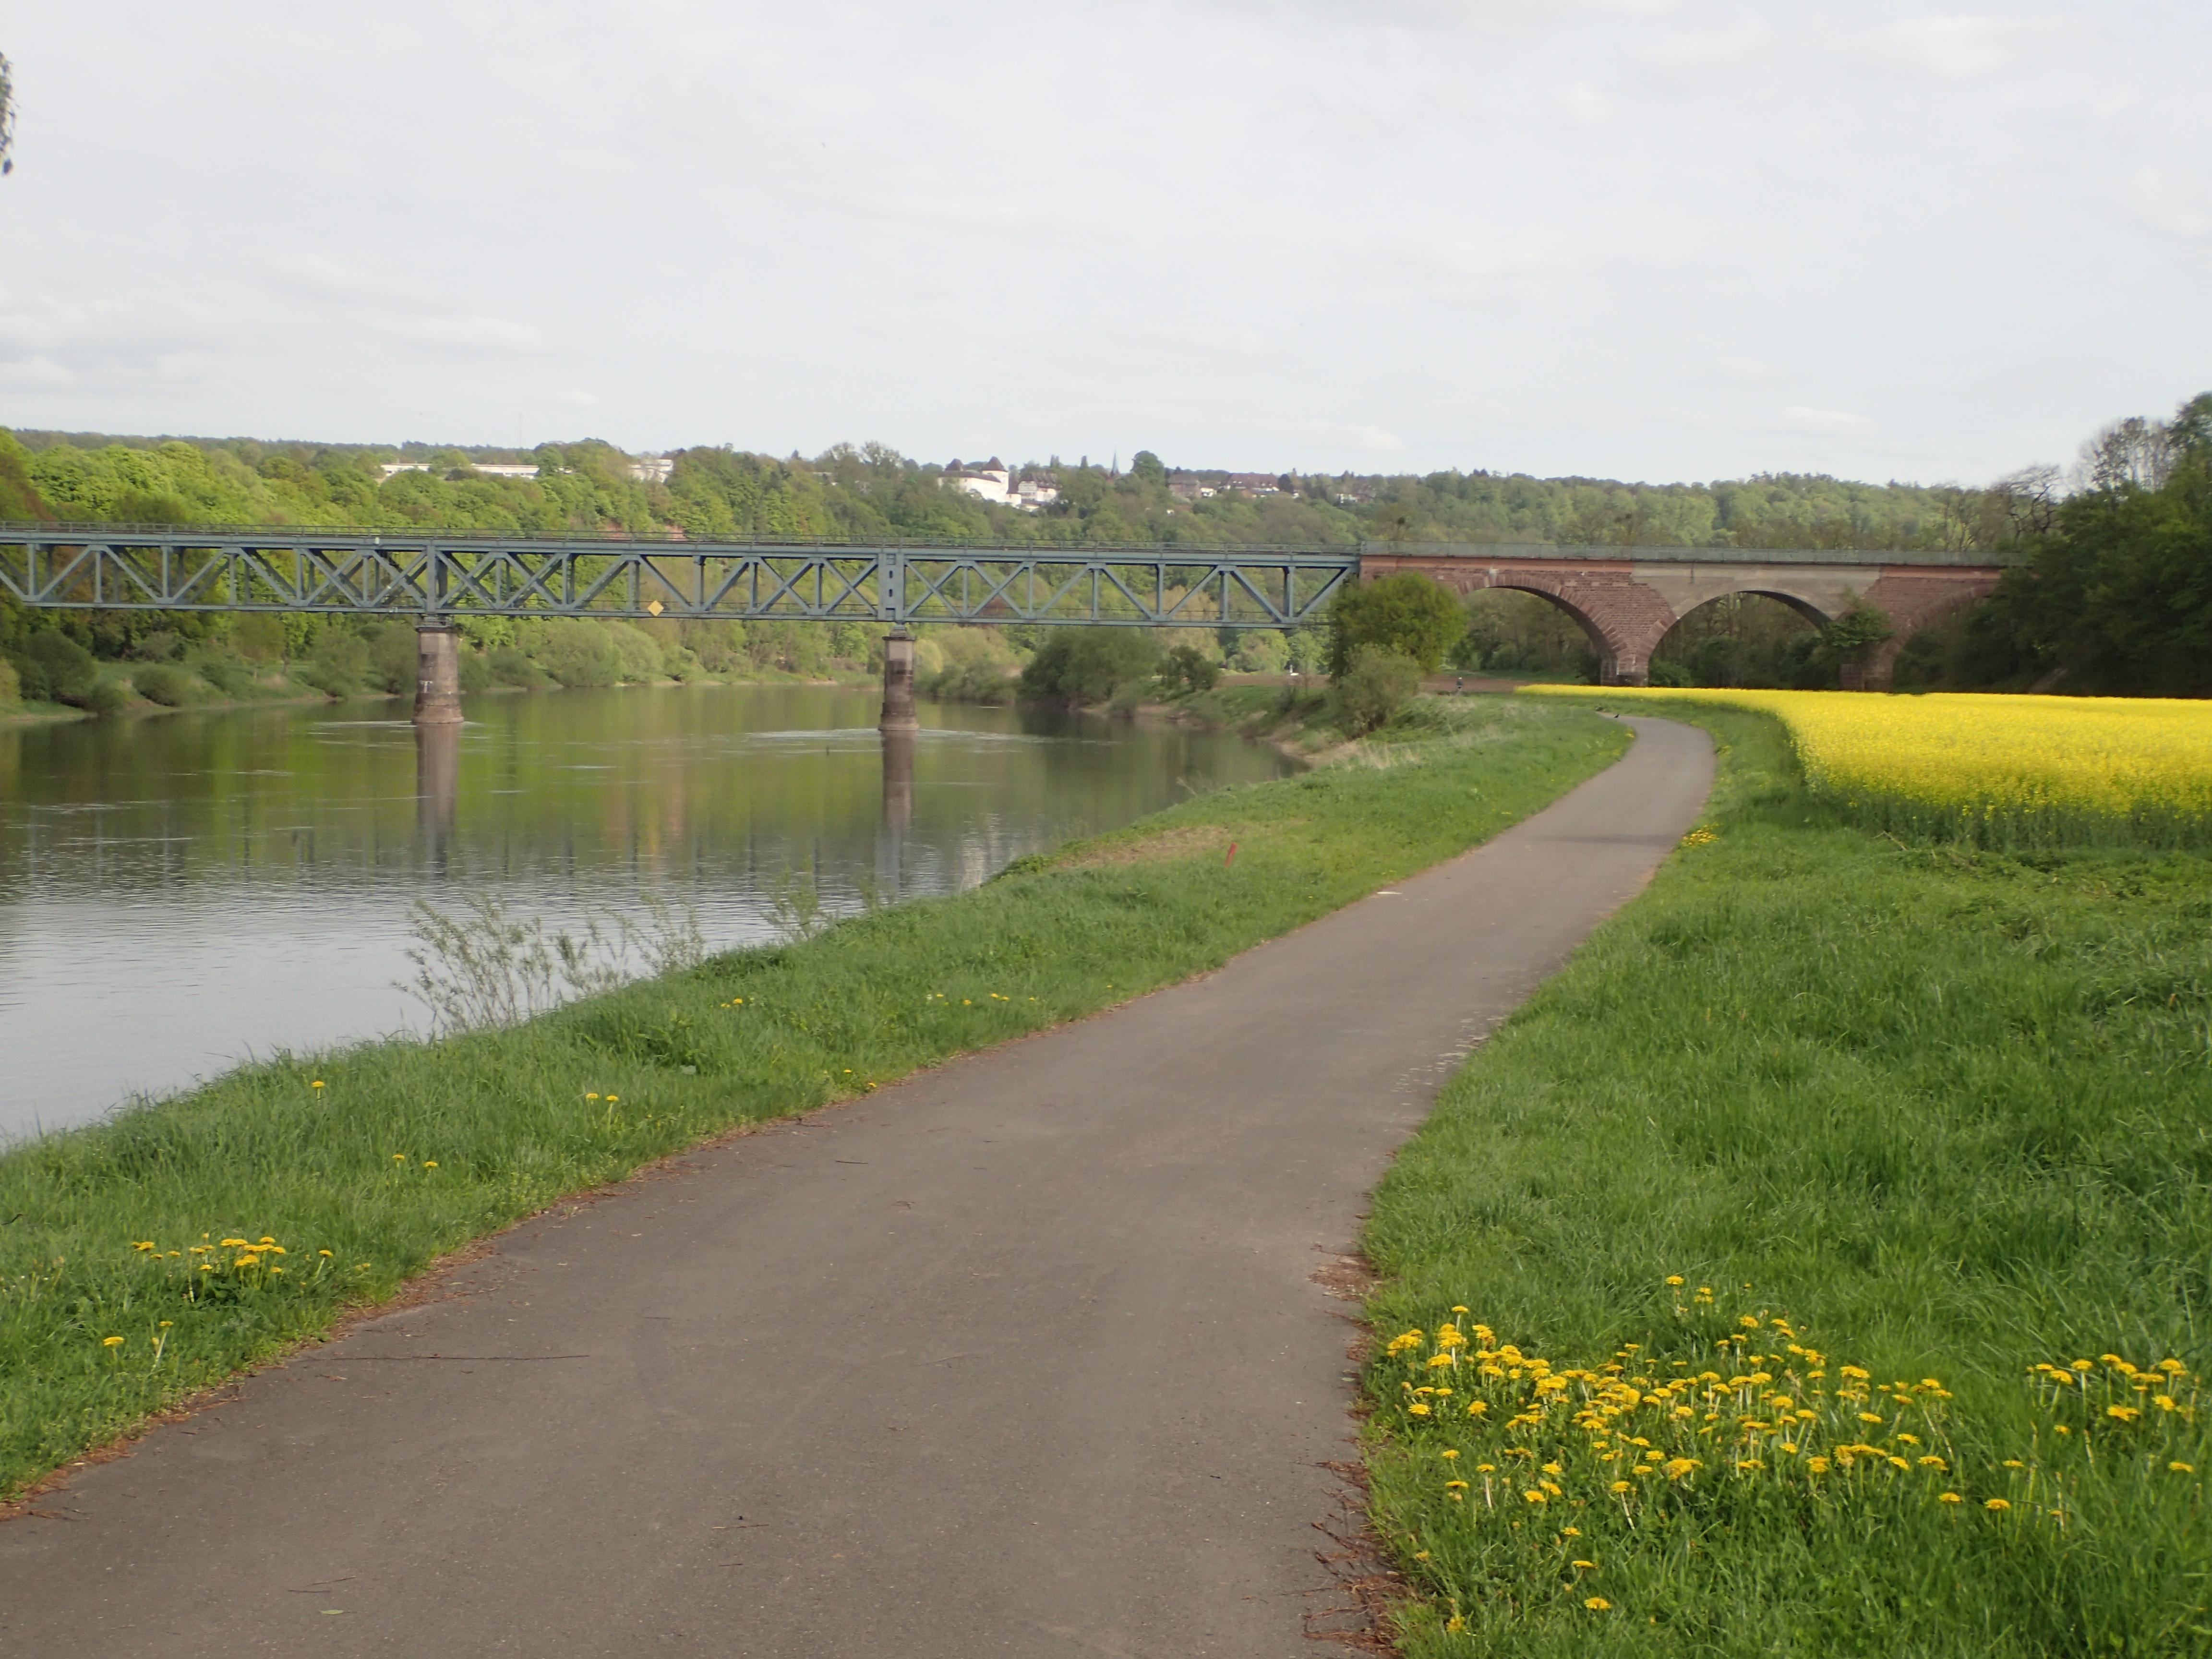 blühende Rapsfelder und der Weserradweg direkt am Ufer